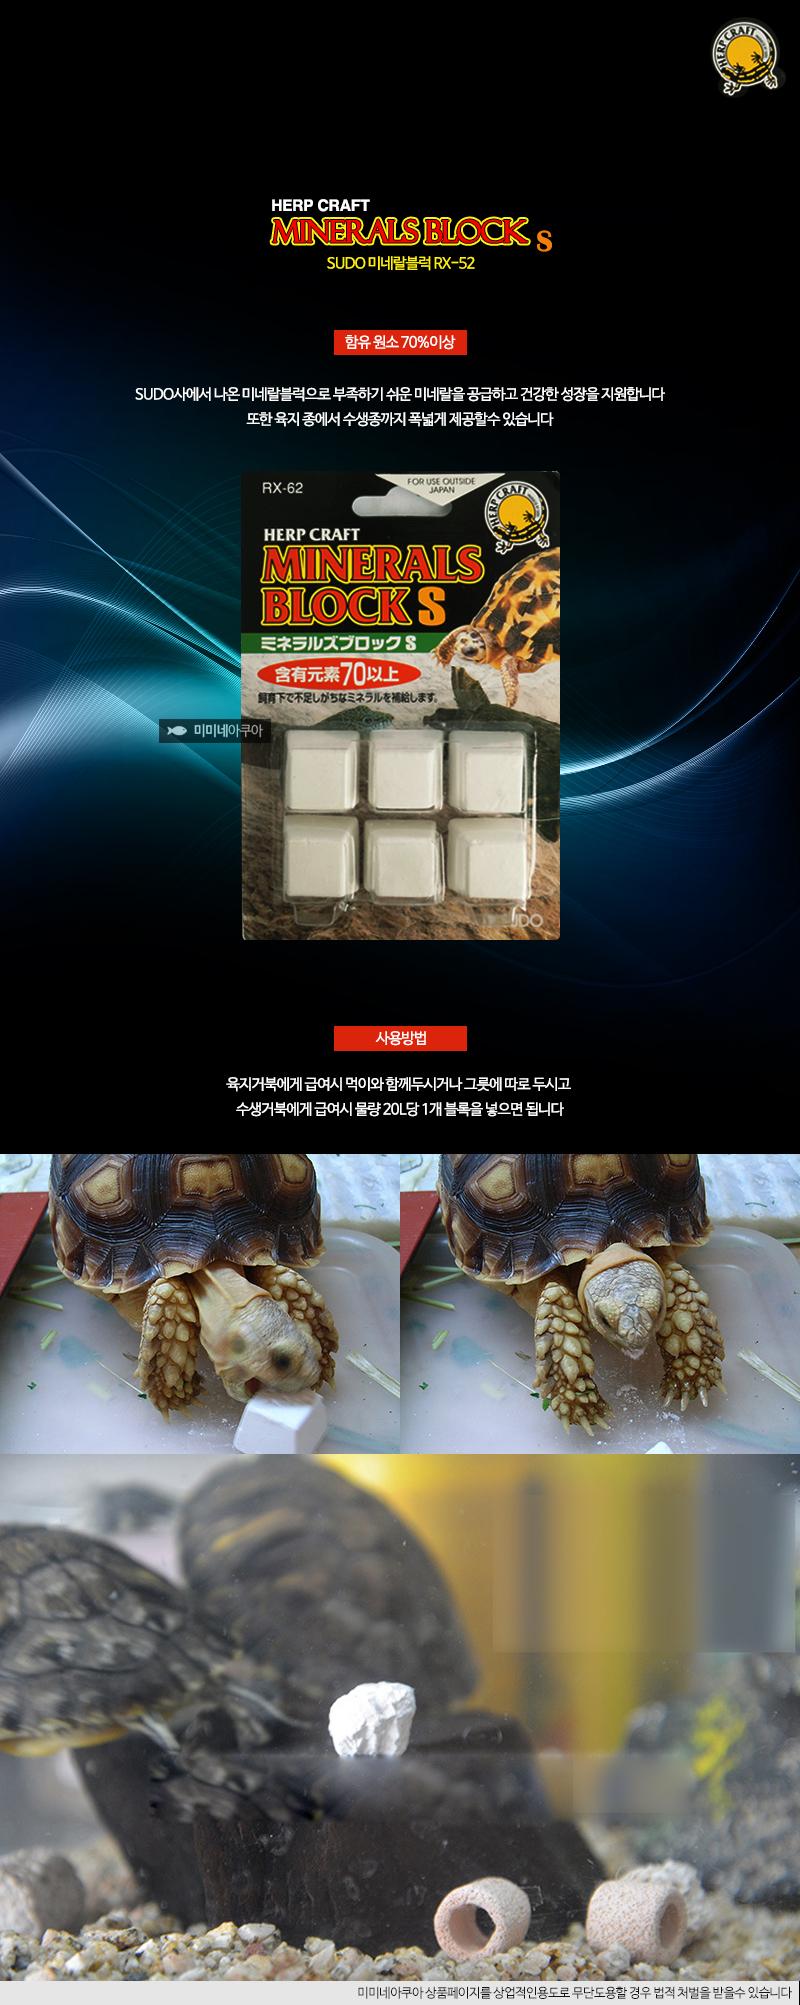 SUDO 미네랄블럭S RX-52 (낱개 1개) - 미미네아쿠아, 2,000원, 파충류용품, 사료/영양제